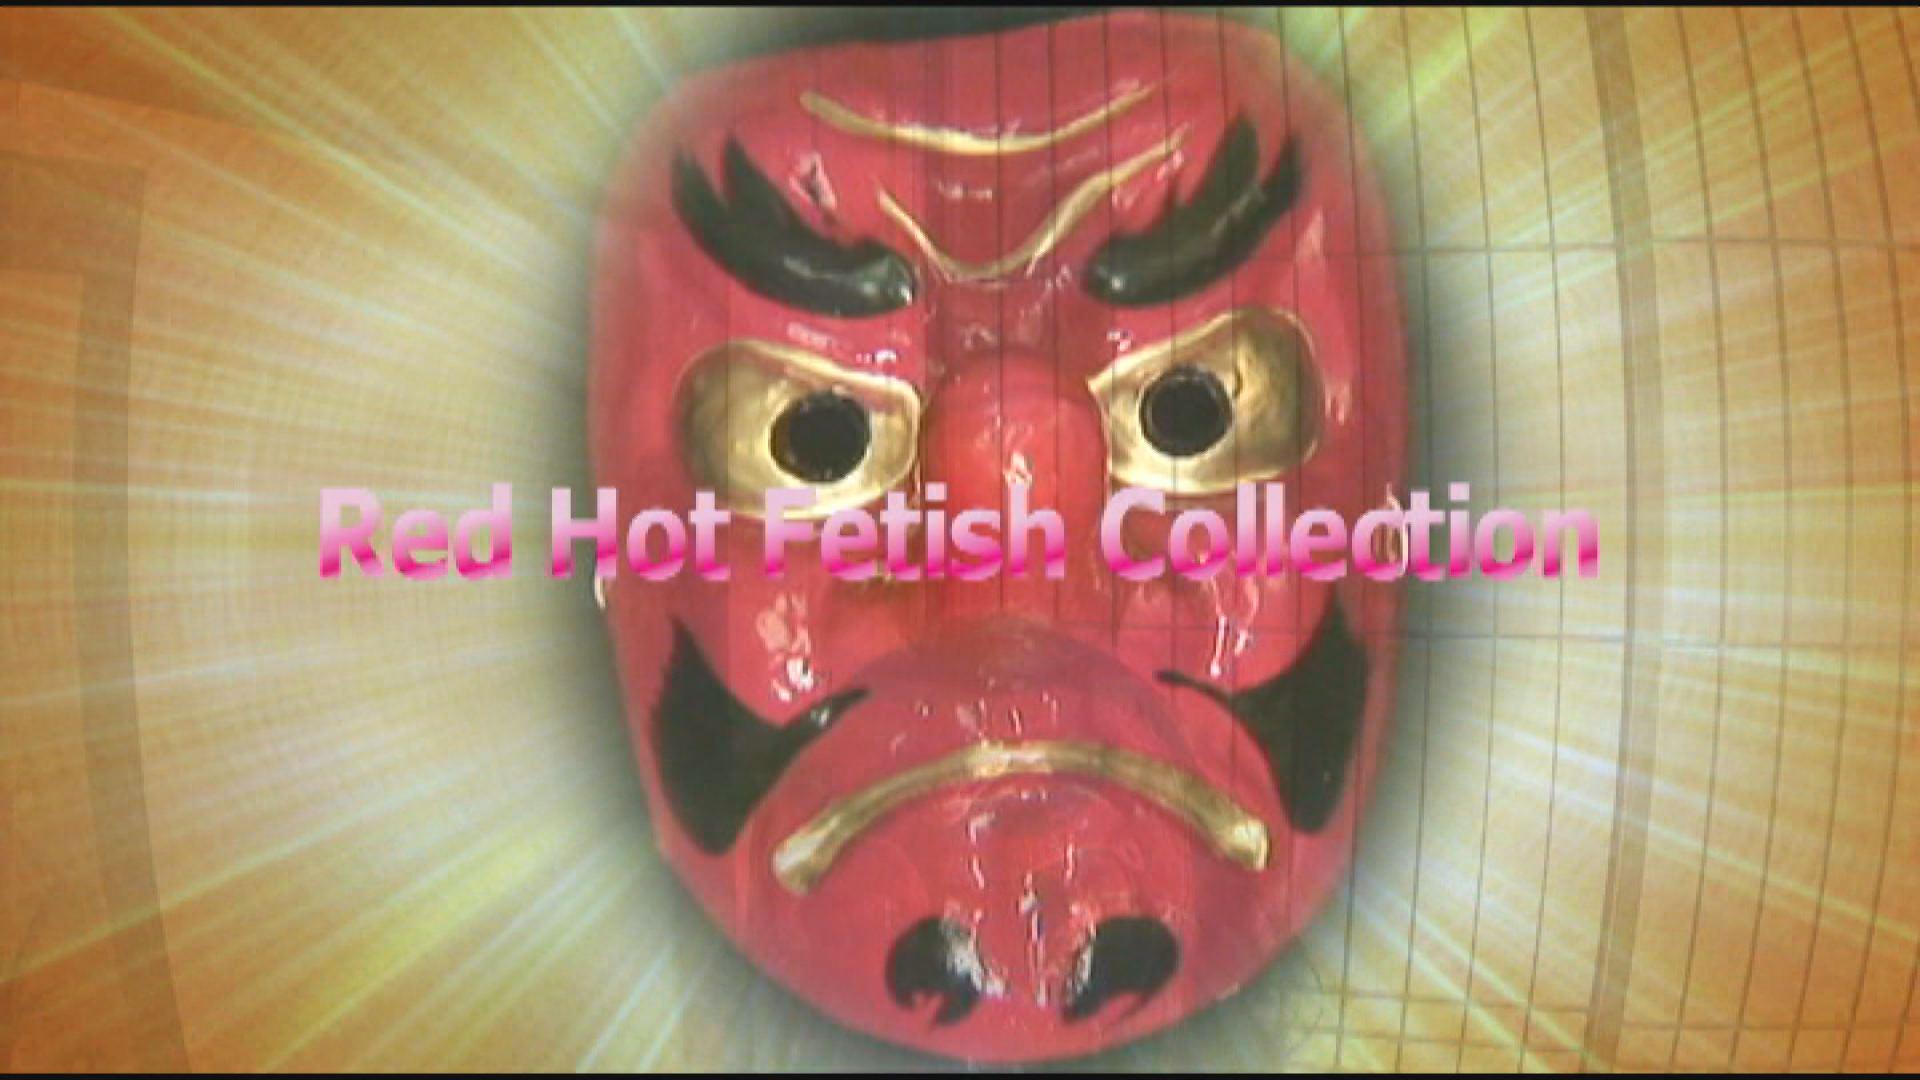 レッドホットフェティッシュコレクション Vol.79 無修正画像183